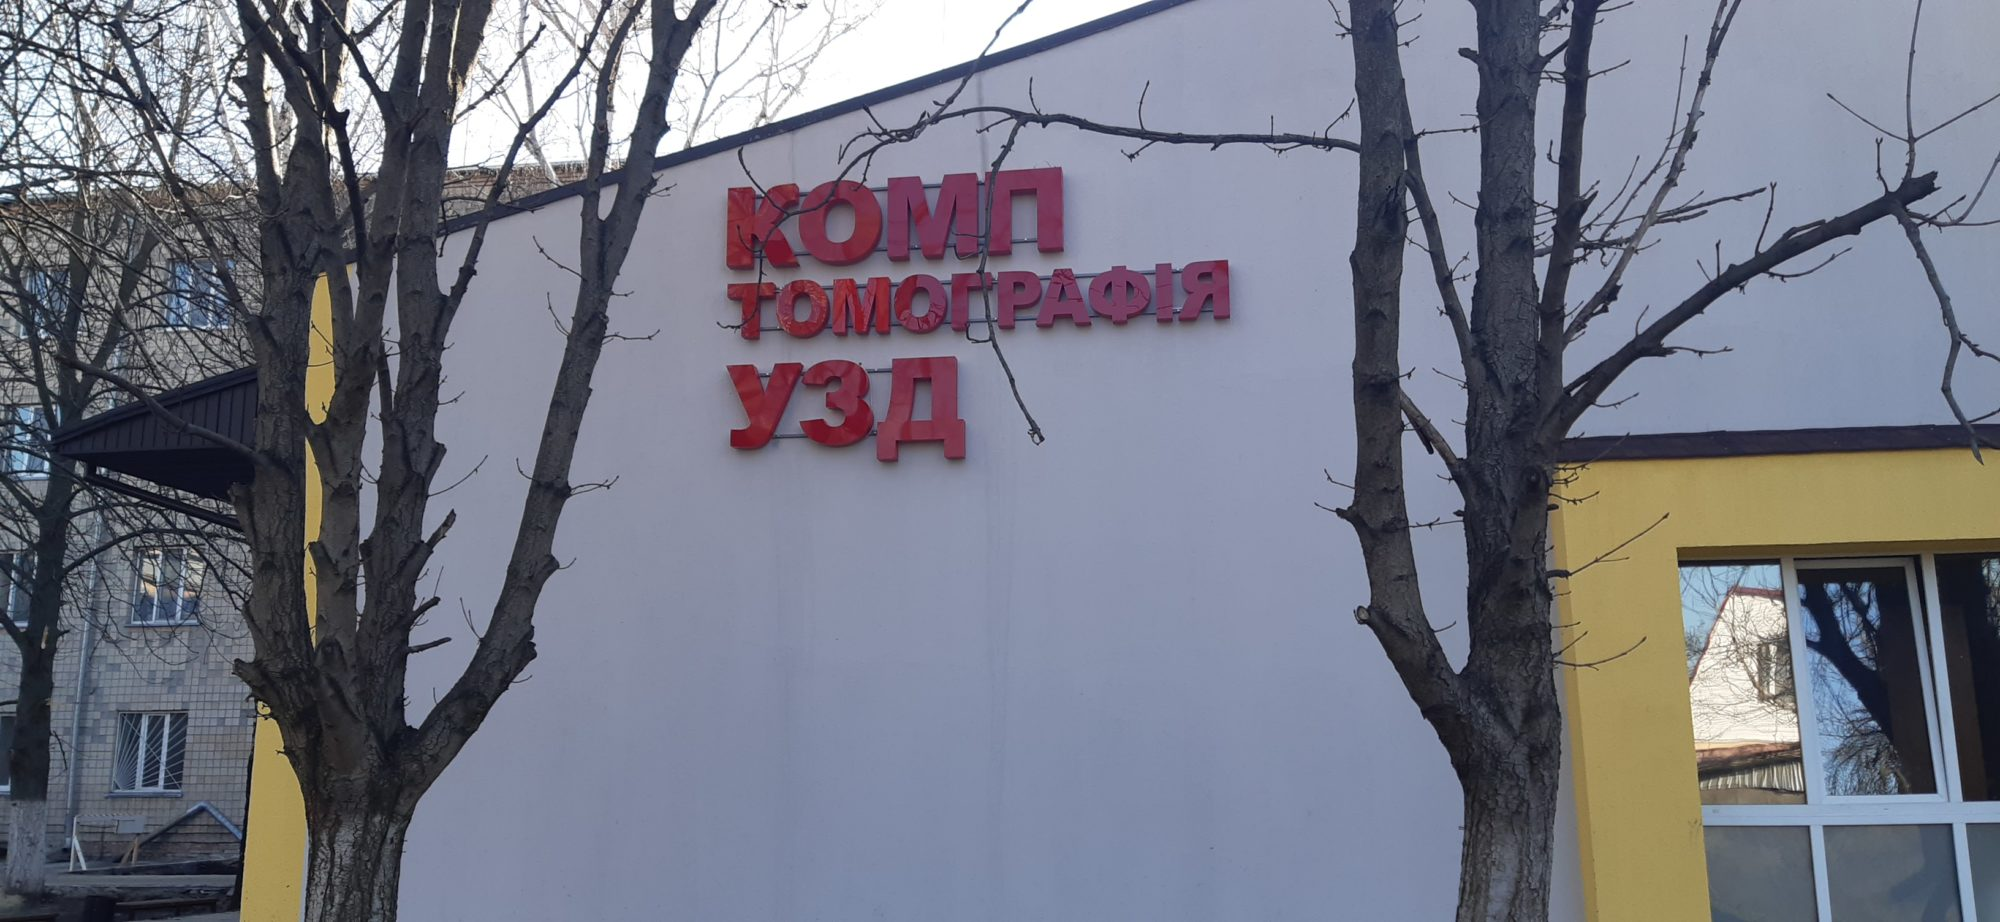 20200219_102132-2000x922 Чому президент Зеленський приїжджав в Бориспіль